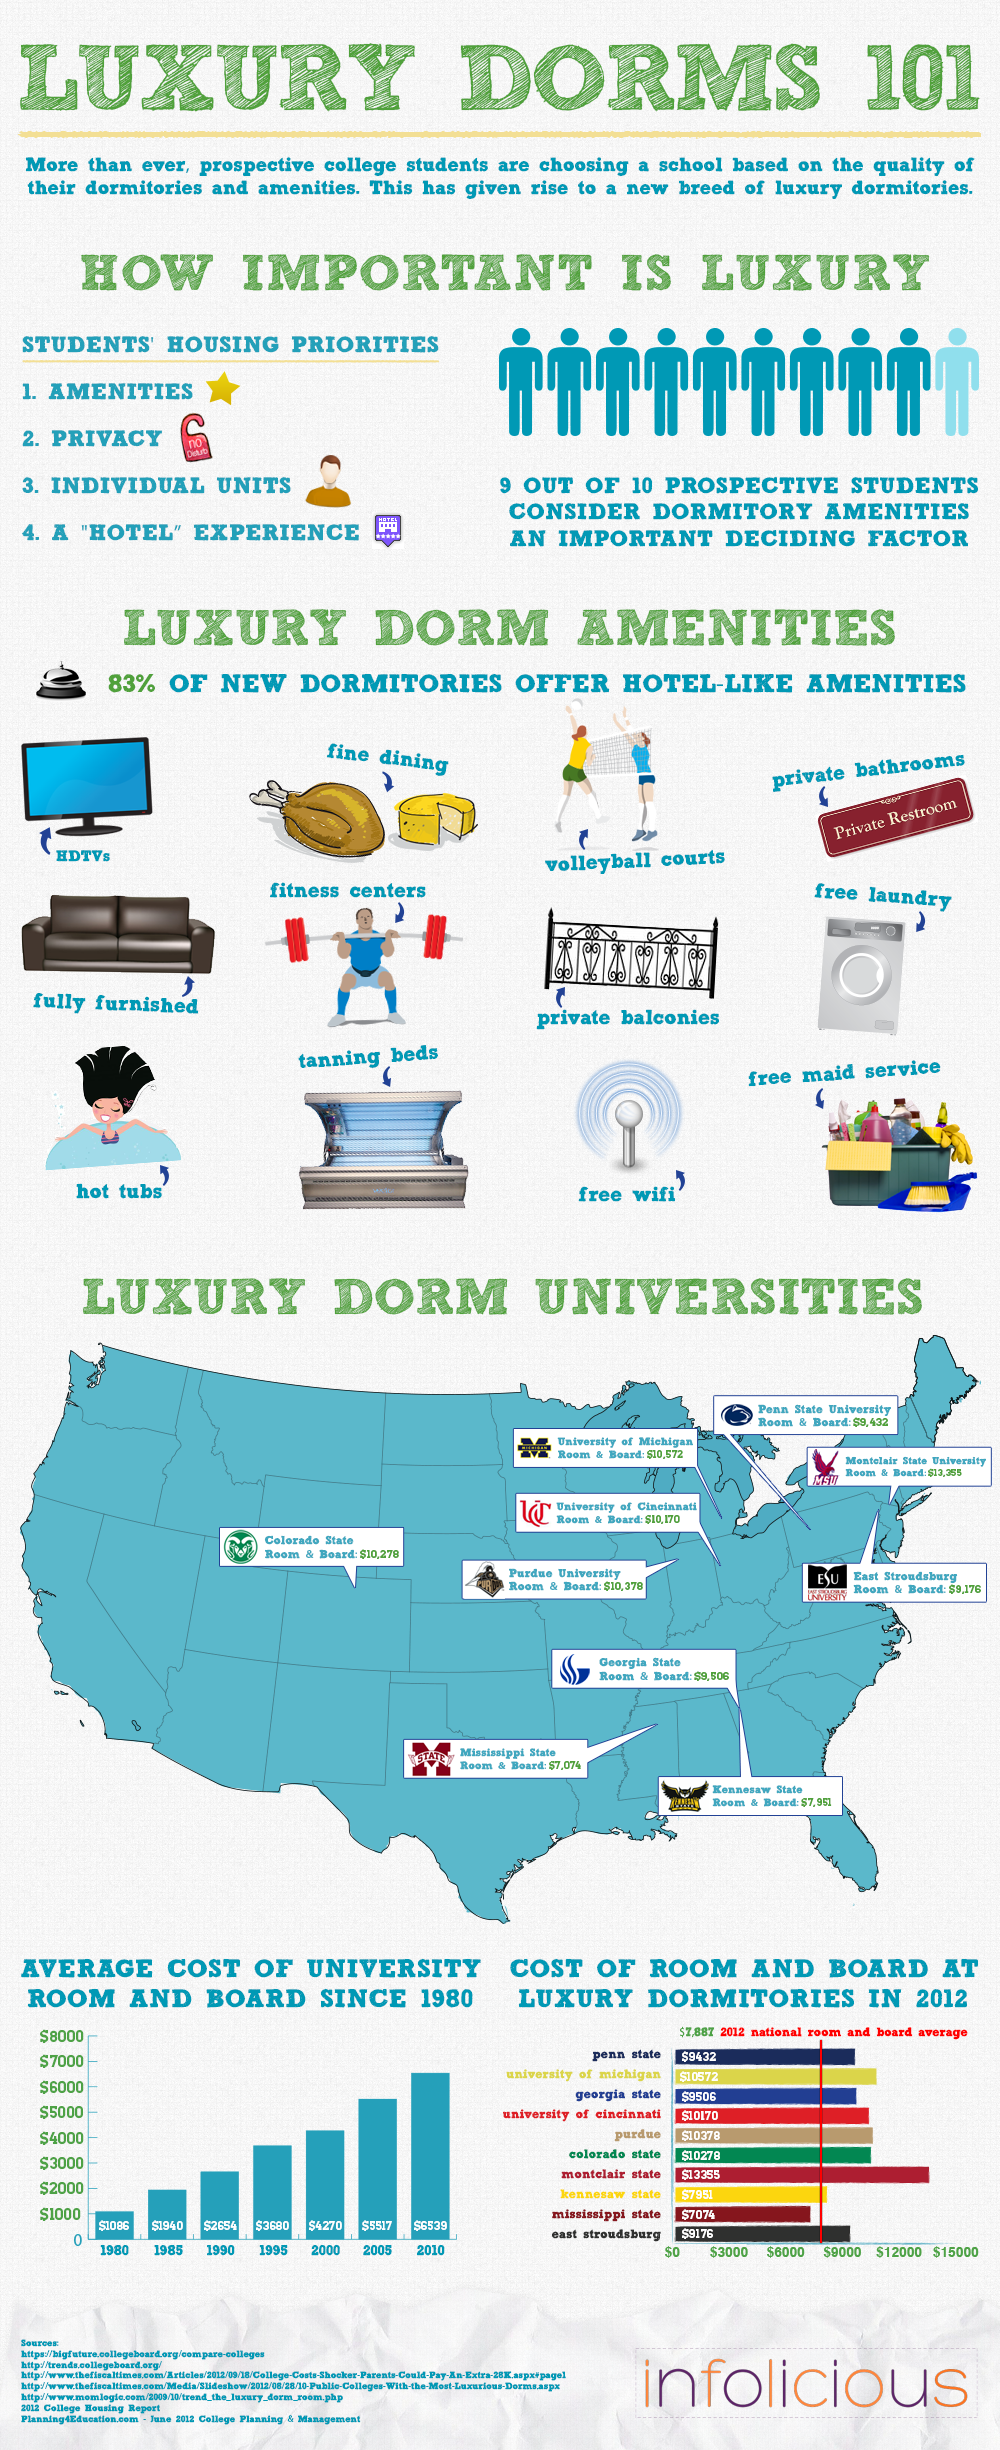 luxury-dorms-101_50a26d429238c